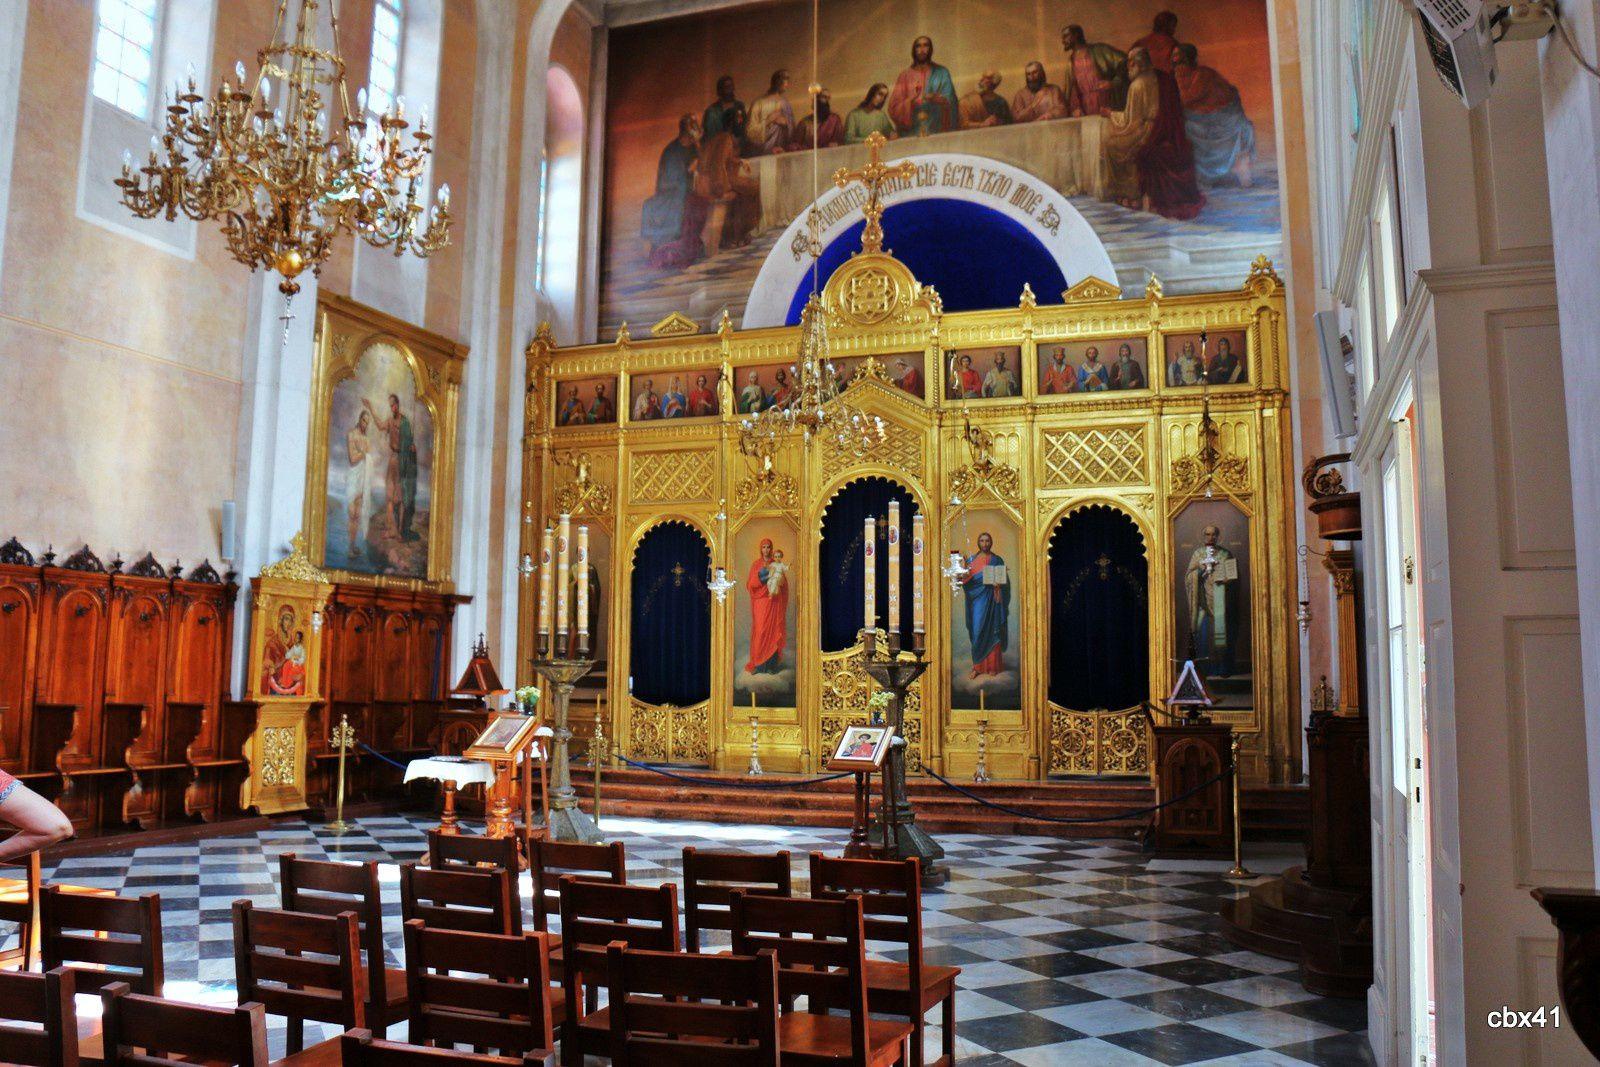 Eglise de l'Annonciation, vieille ville de Dubrovnik (Croatie)